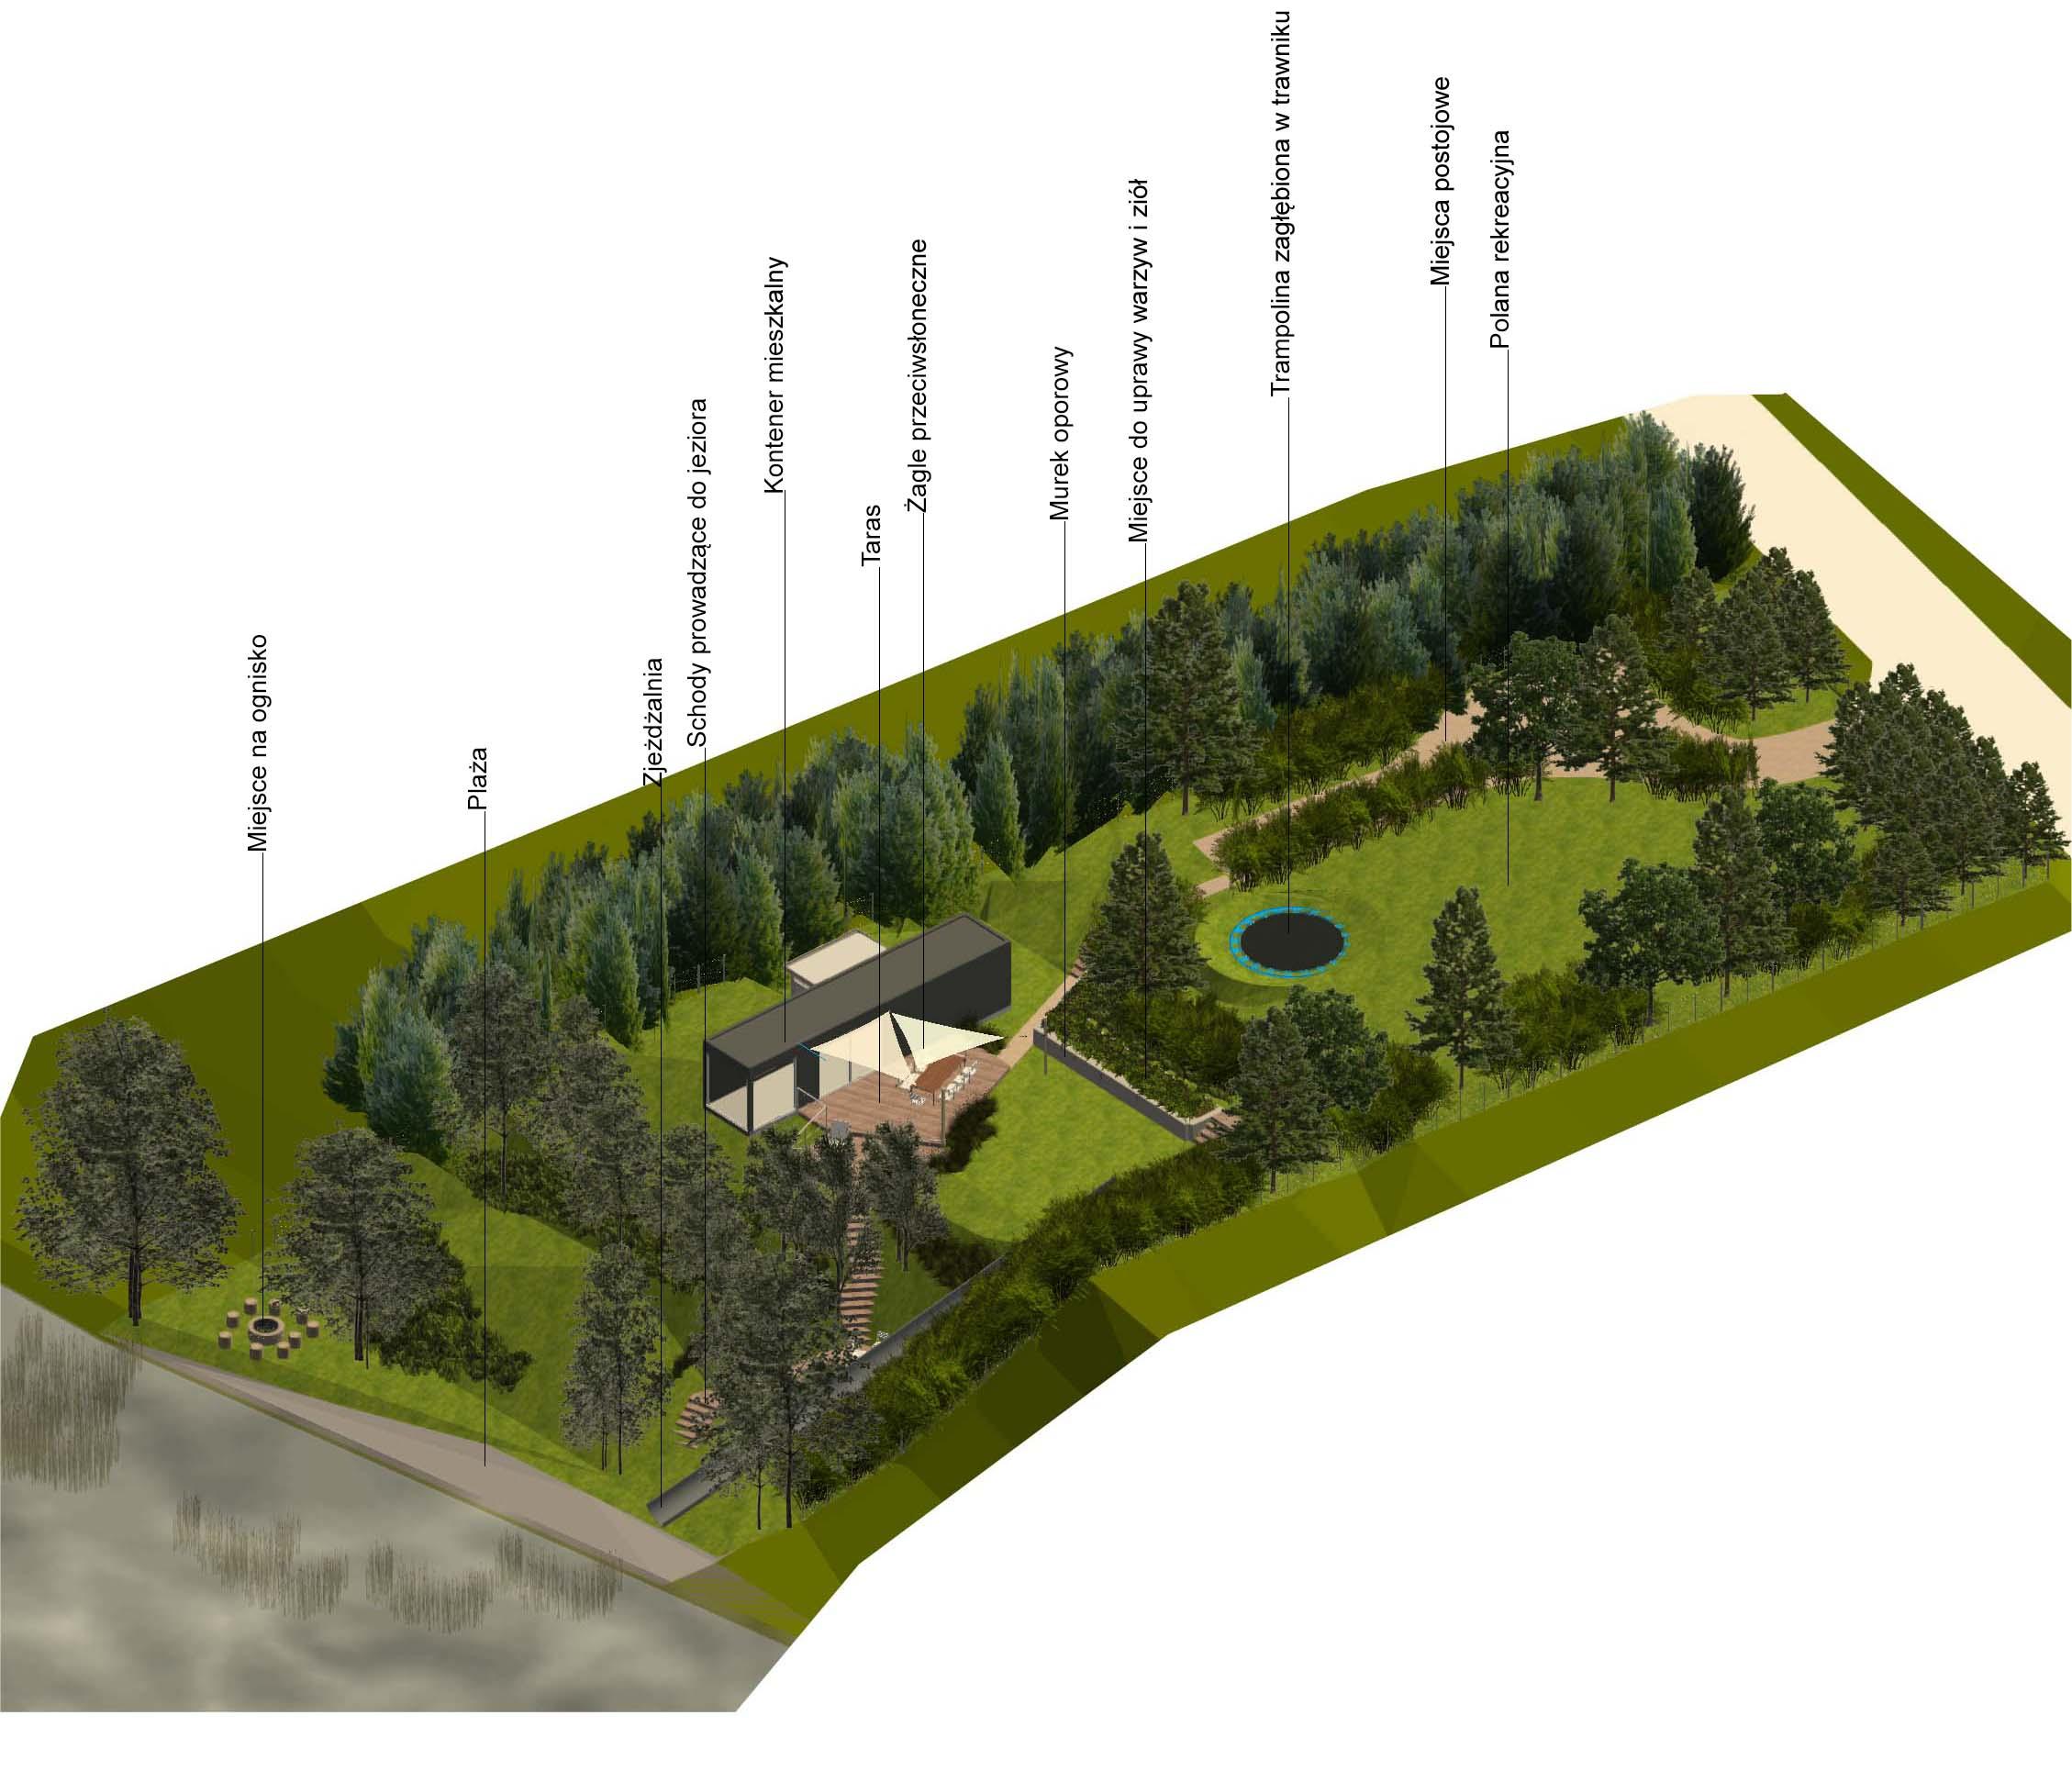 Ogród nad jeziorem wizualizacja projekt